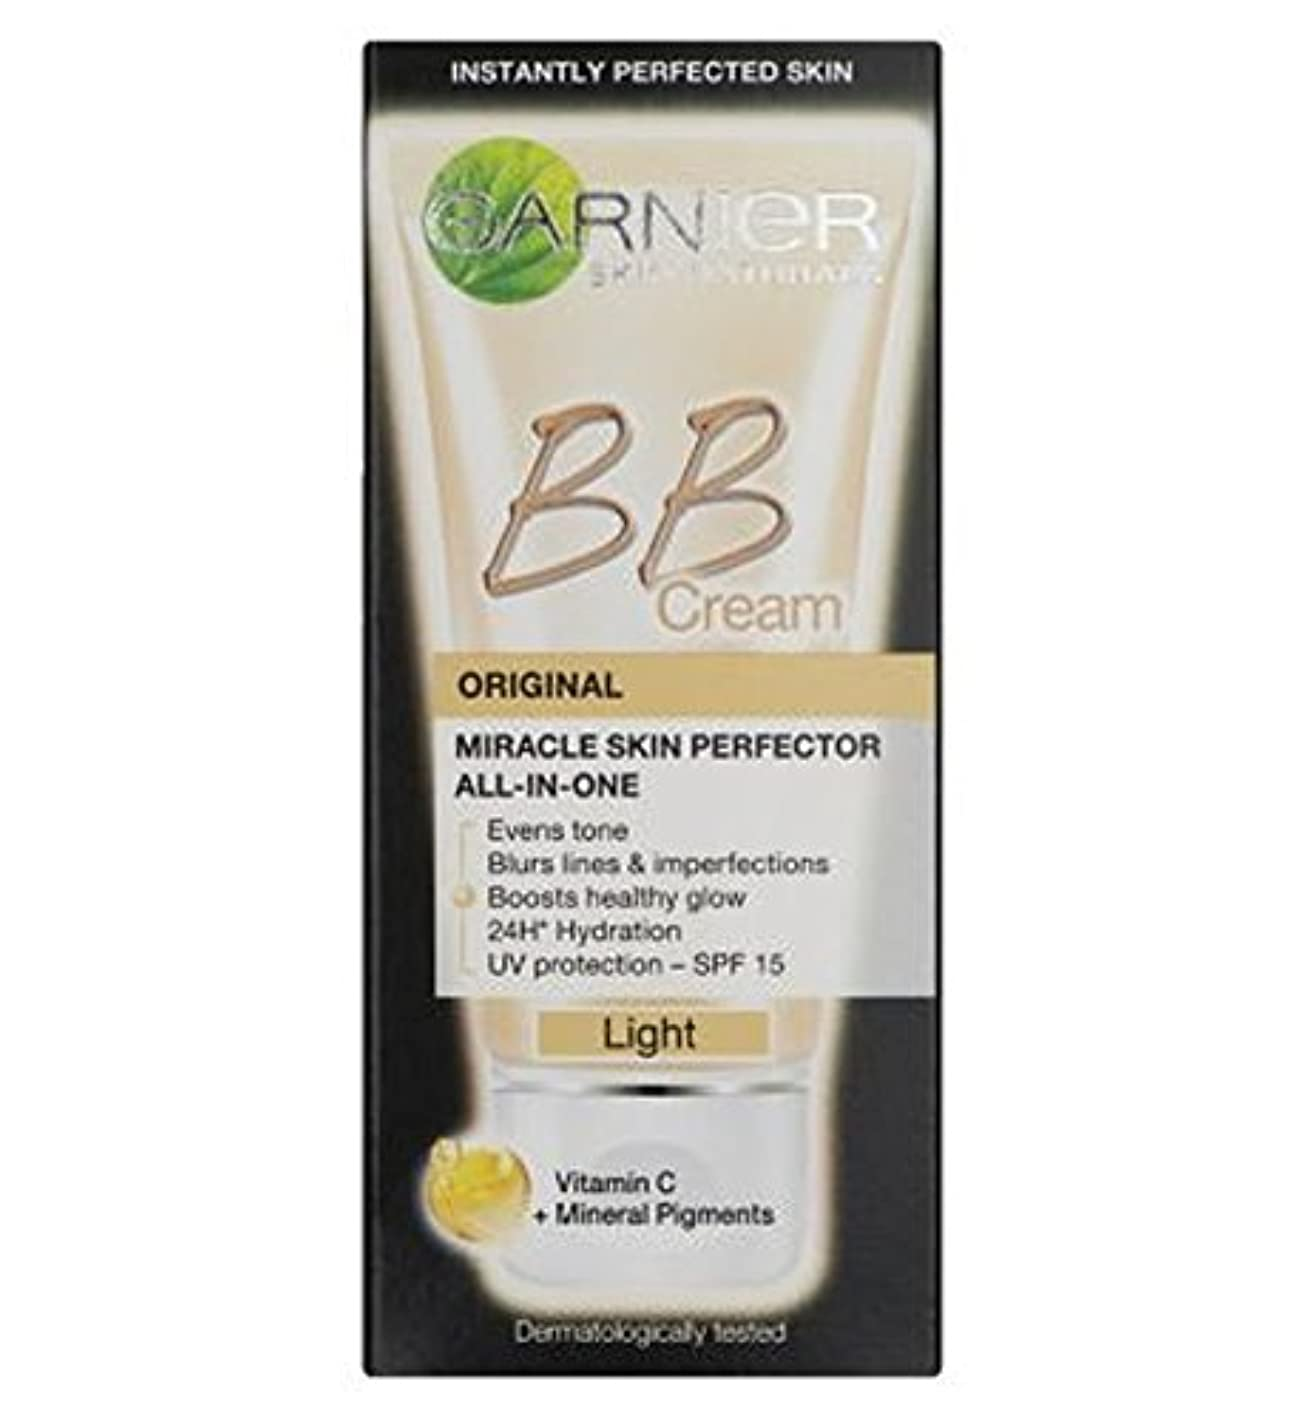 悩みブレス幸福Garnier Skin Perfector Daily All-In-One B.B. Blemish Balm Cream Light 50ml - 毎日オールインワンB.B.ガルニエスキンパーフェク傷バームクリームライト...